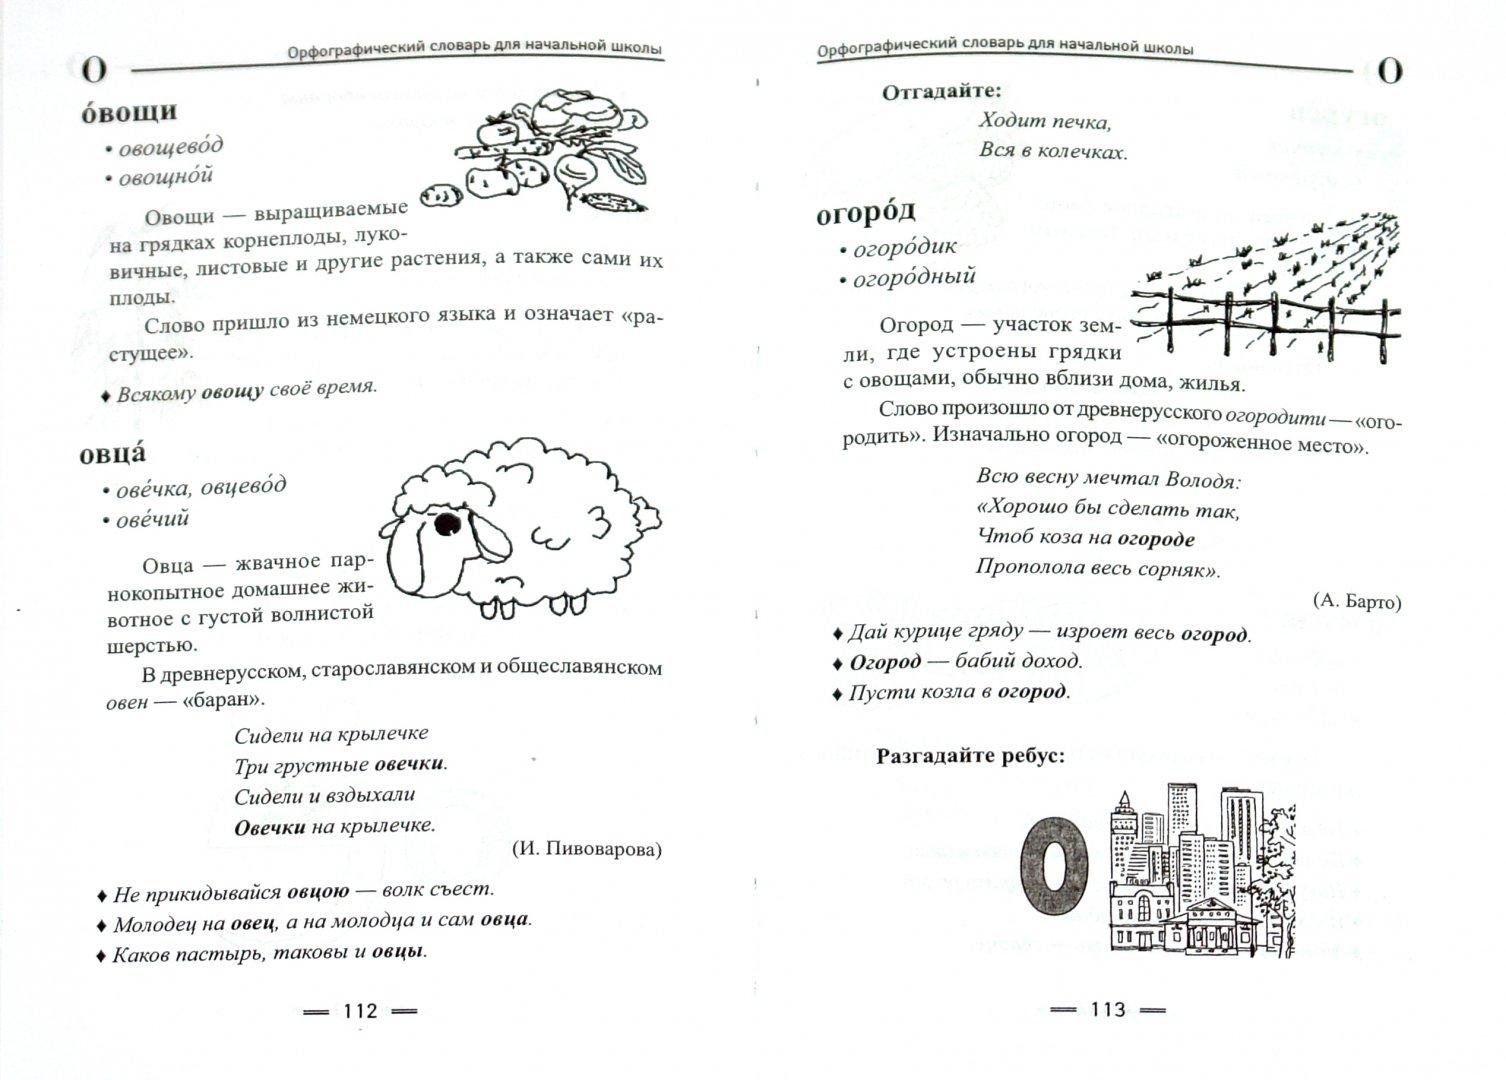 Иллюстрация 1 из 5 для Орфографический словарь для начальной школы - Людмила Сушинскас | Лабиринт - книги. Источник: Лабиринт